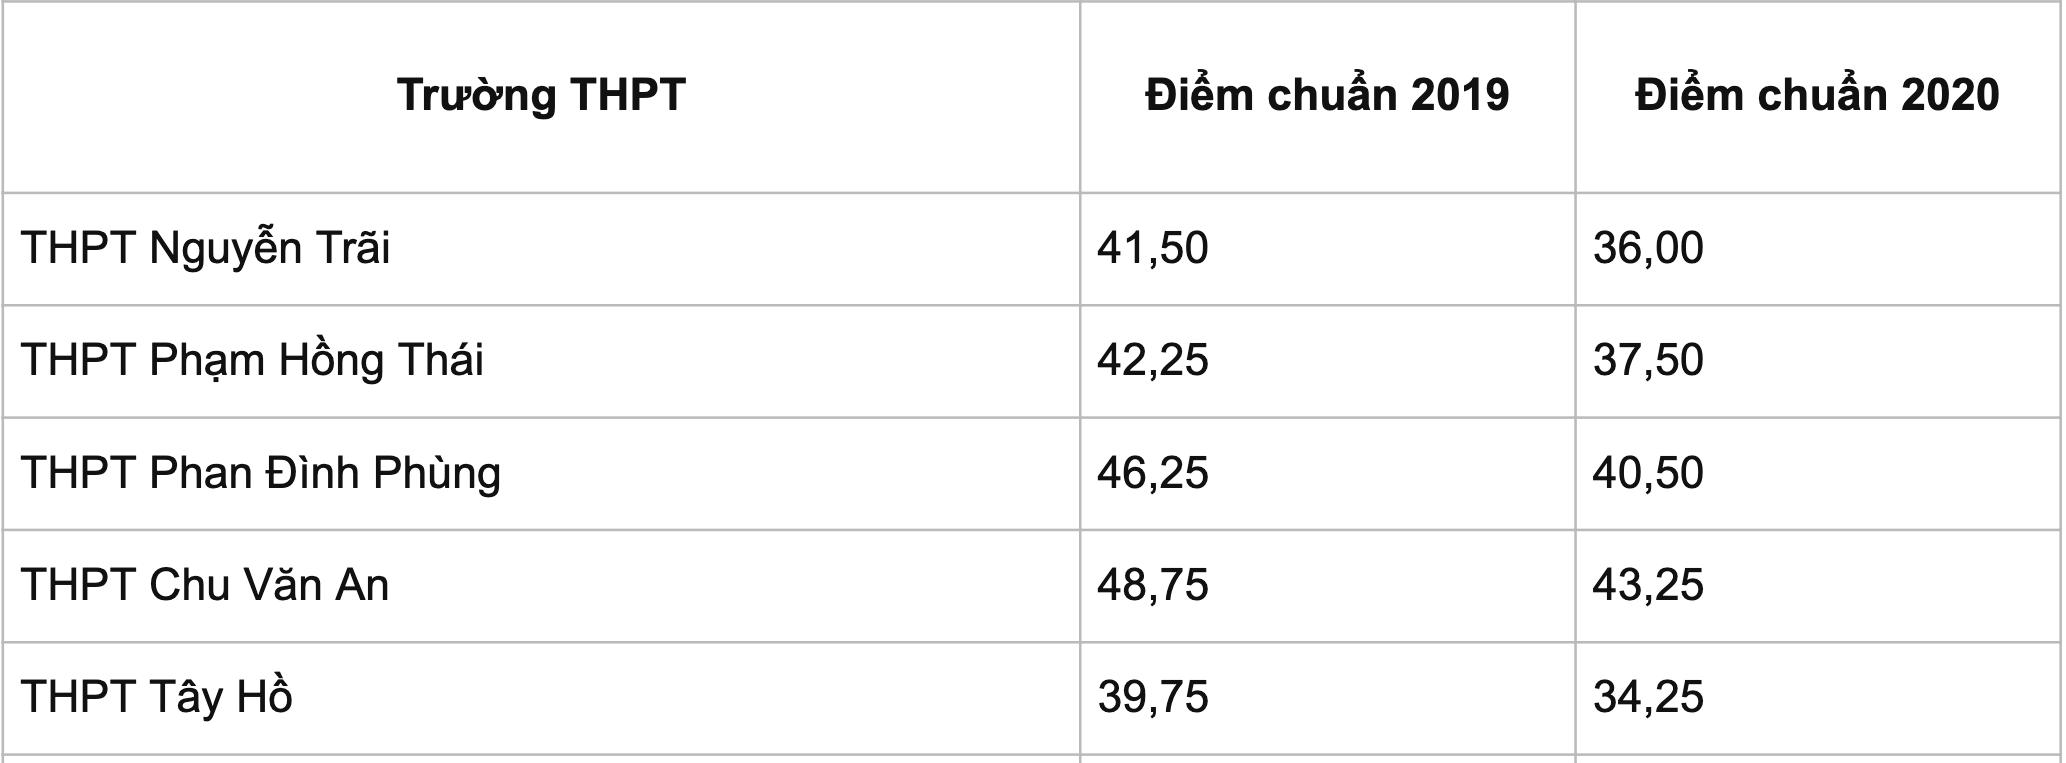 Điểm chuẩn lớp 10 công lập Hà Nội năm 2021 chi tiết các trường THPT